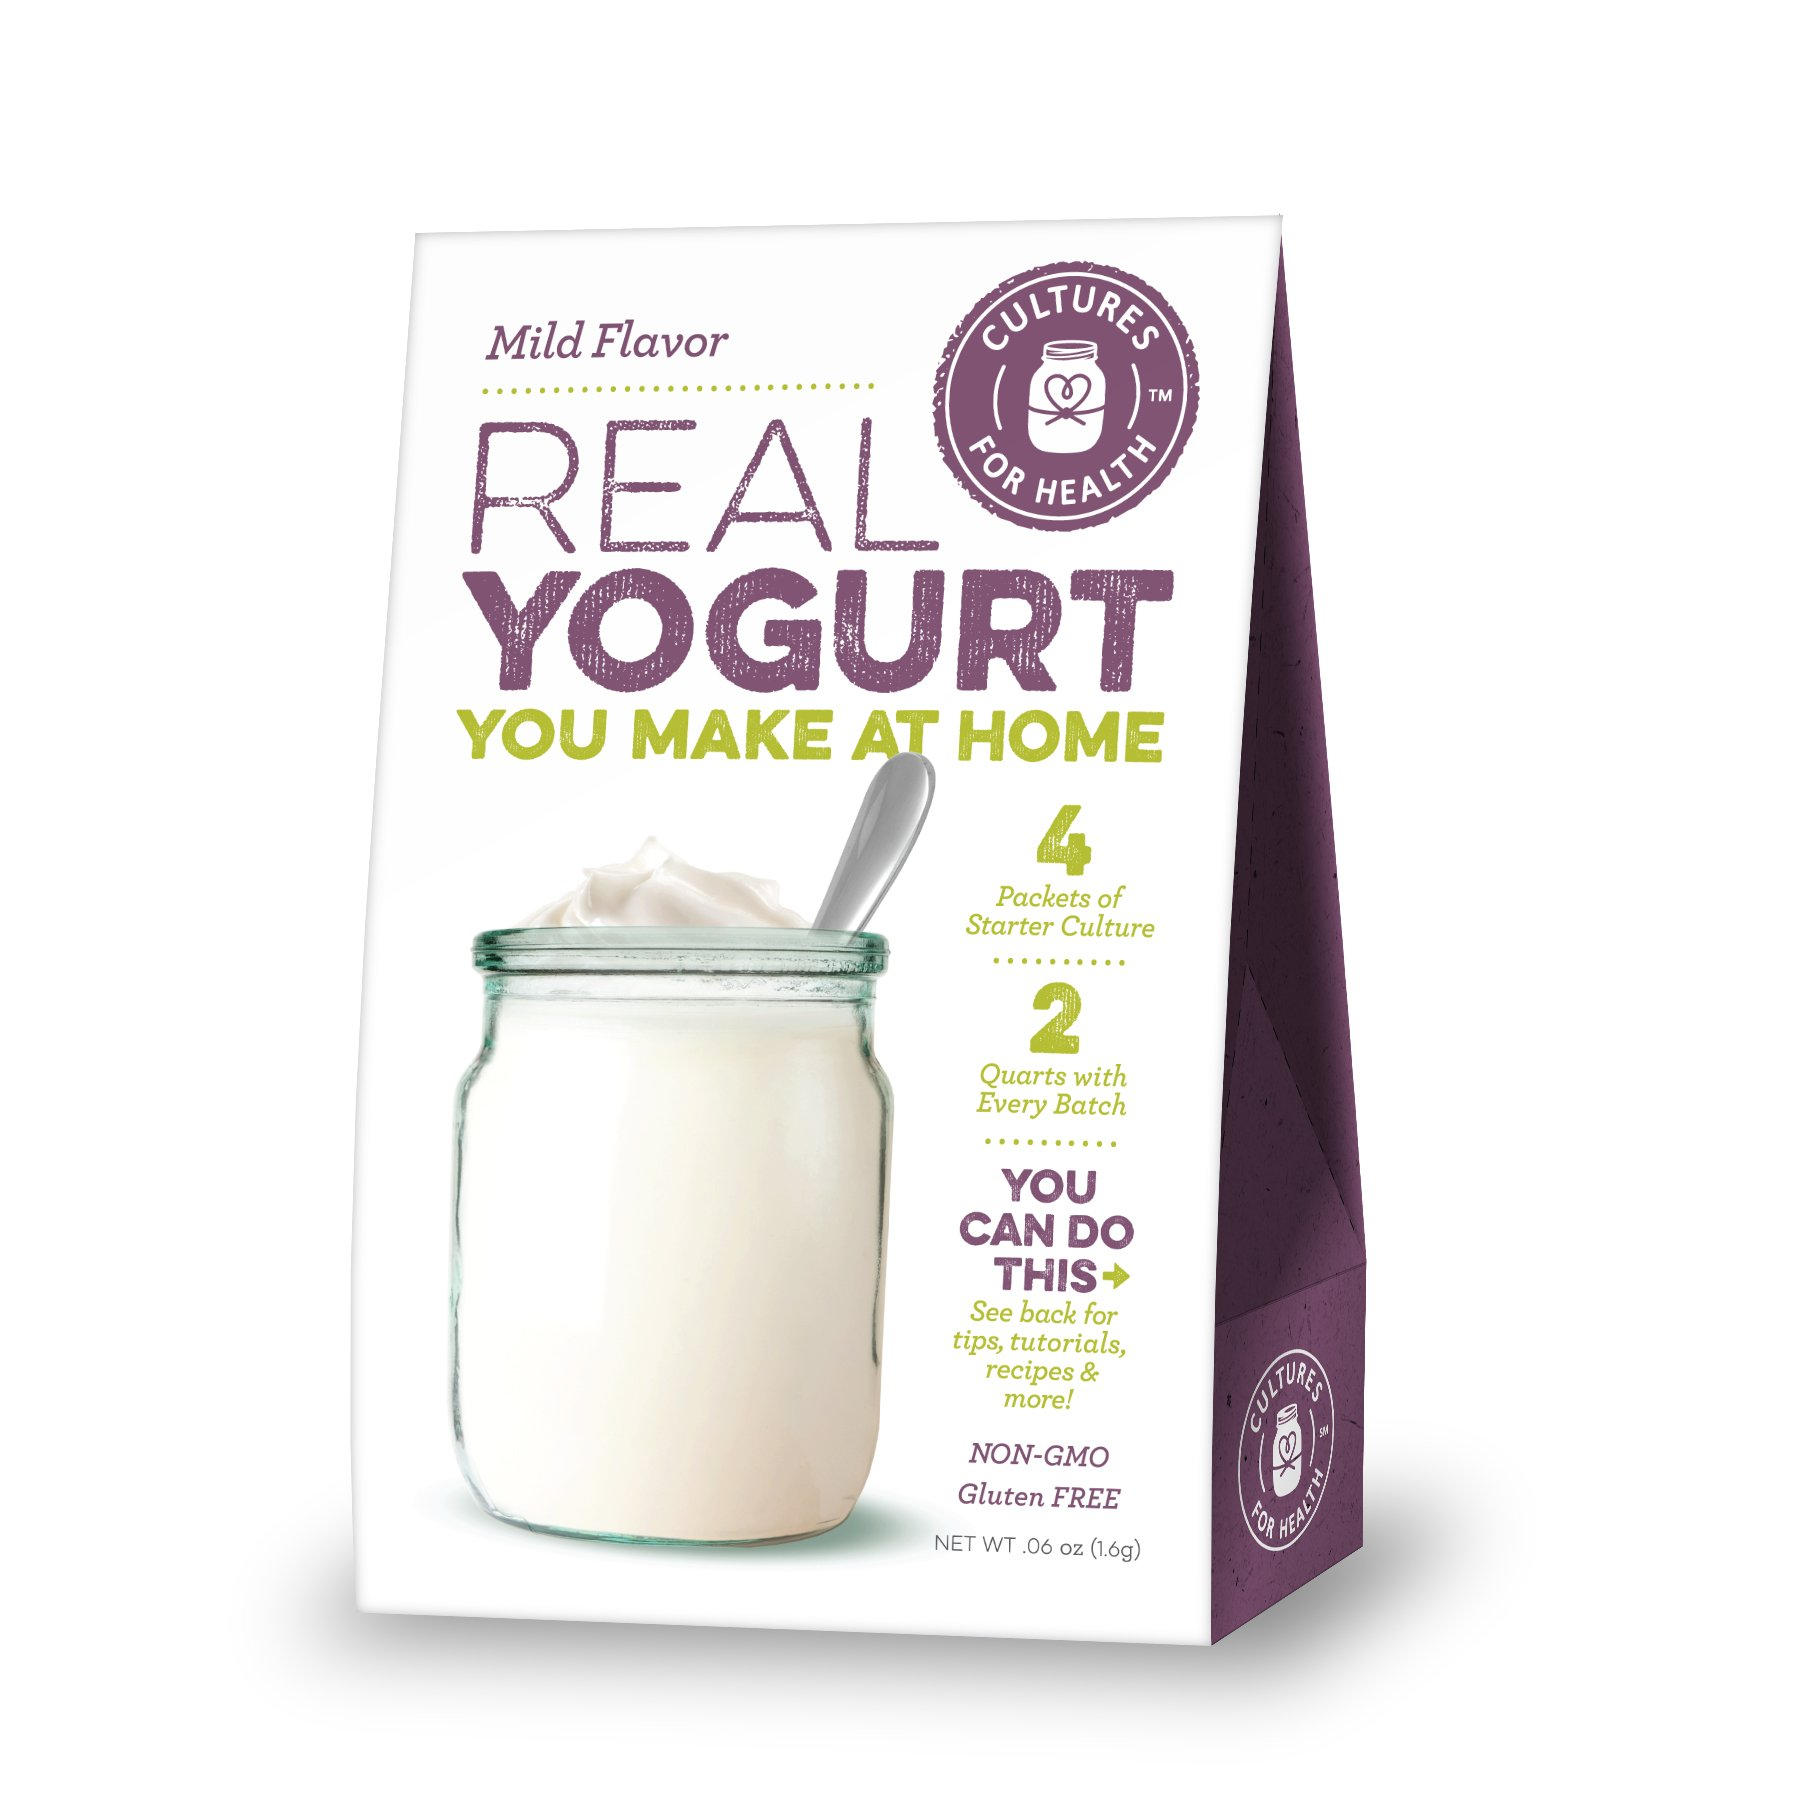 Cultures For Health Mild Flavor Yogurt Starter | Non GMO, Gluten Free | Makes Mild Flavor Yogurt | 4 Sachets In A Box